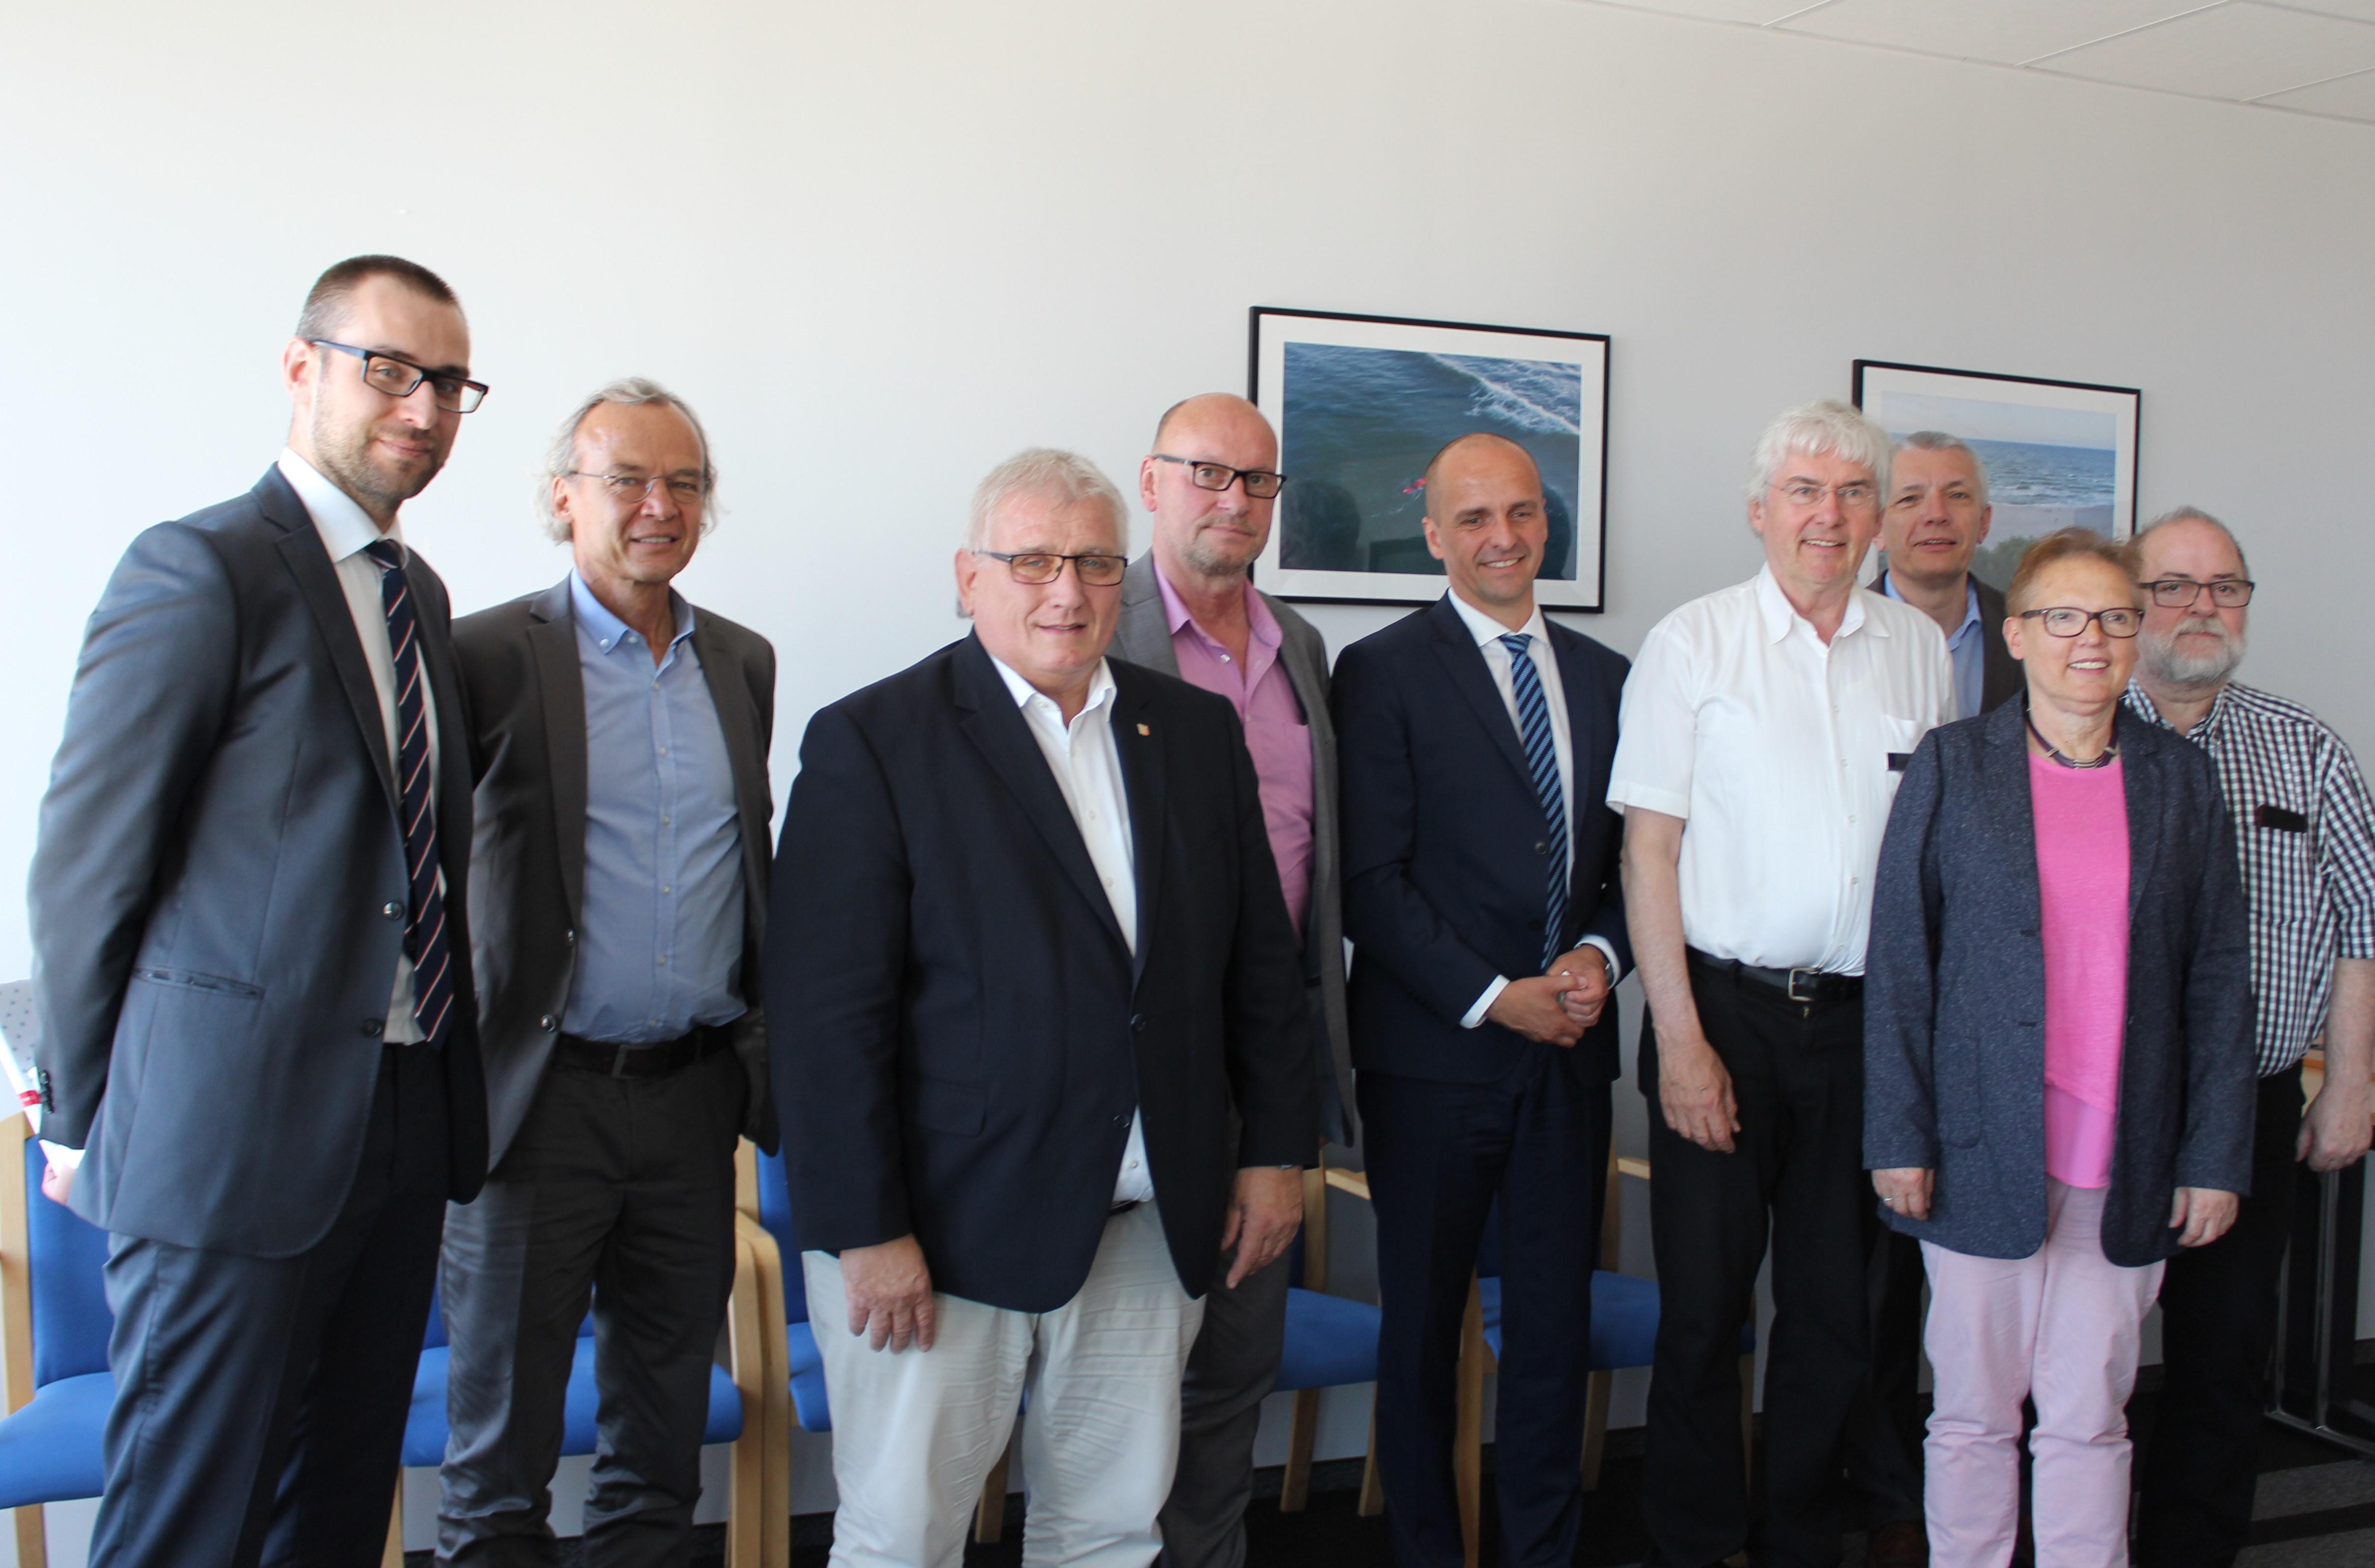 Delegacja ze Szlezwik-Holsztynu z wizytą w Agencji Rozwoju Pomorza S.A.